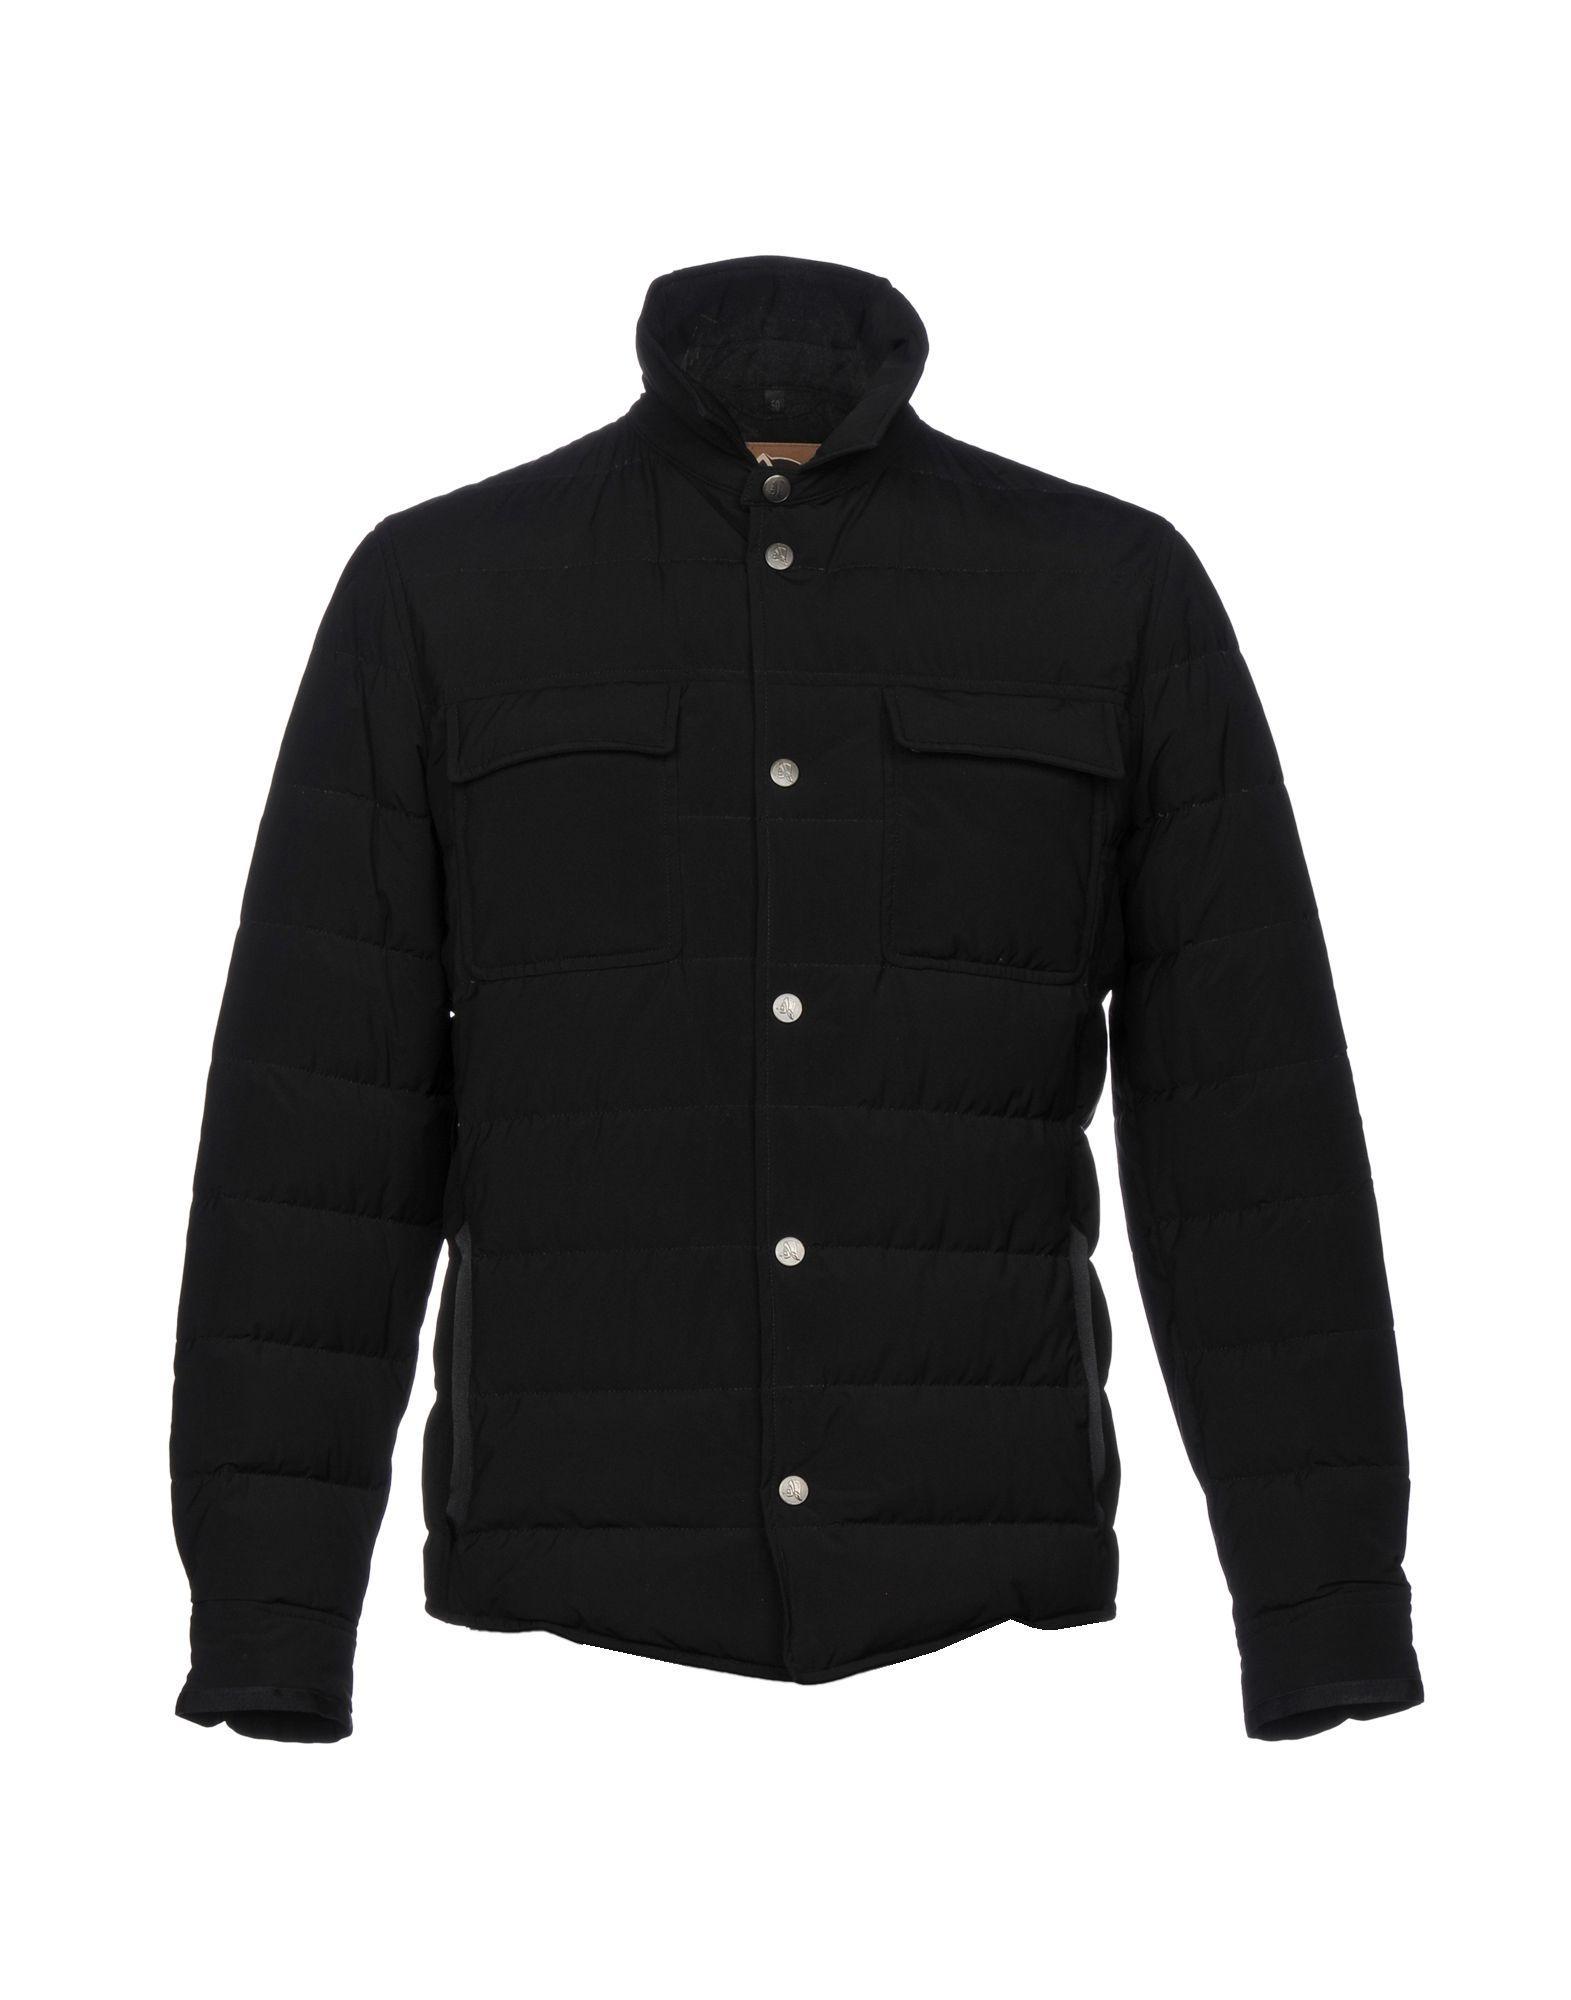 Sealup Jacket In Black